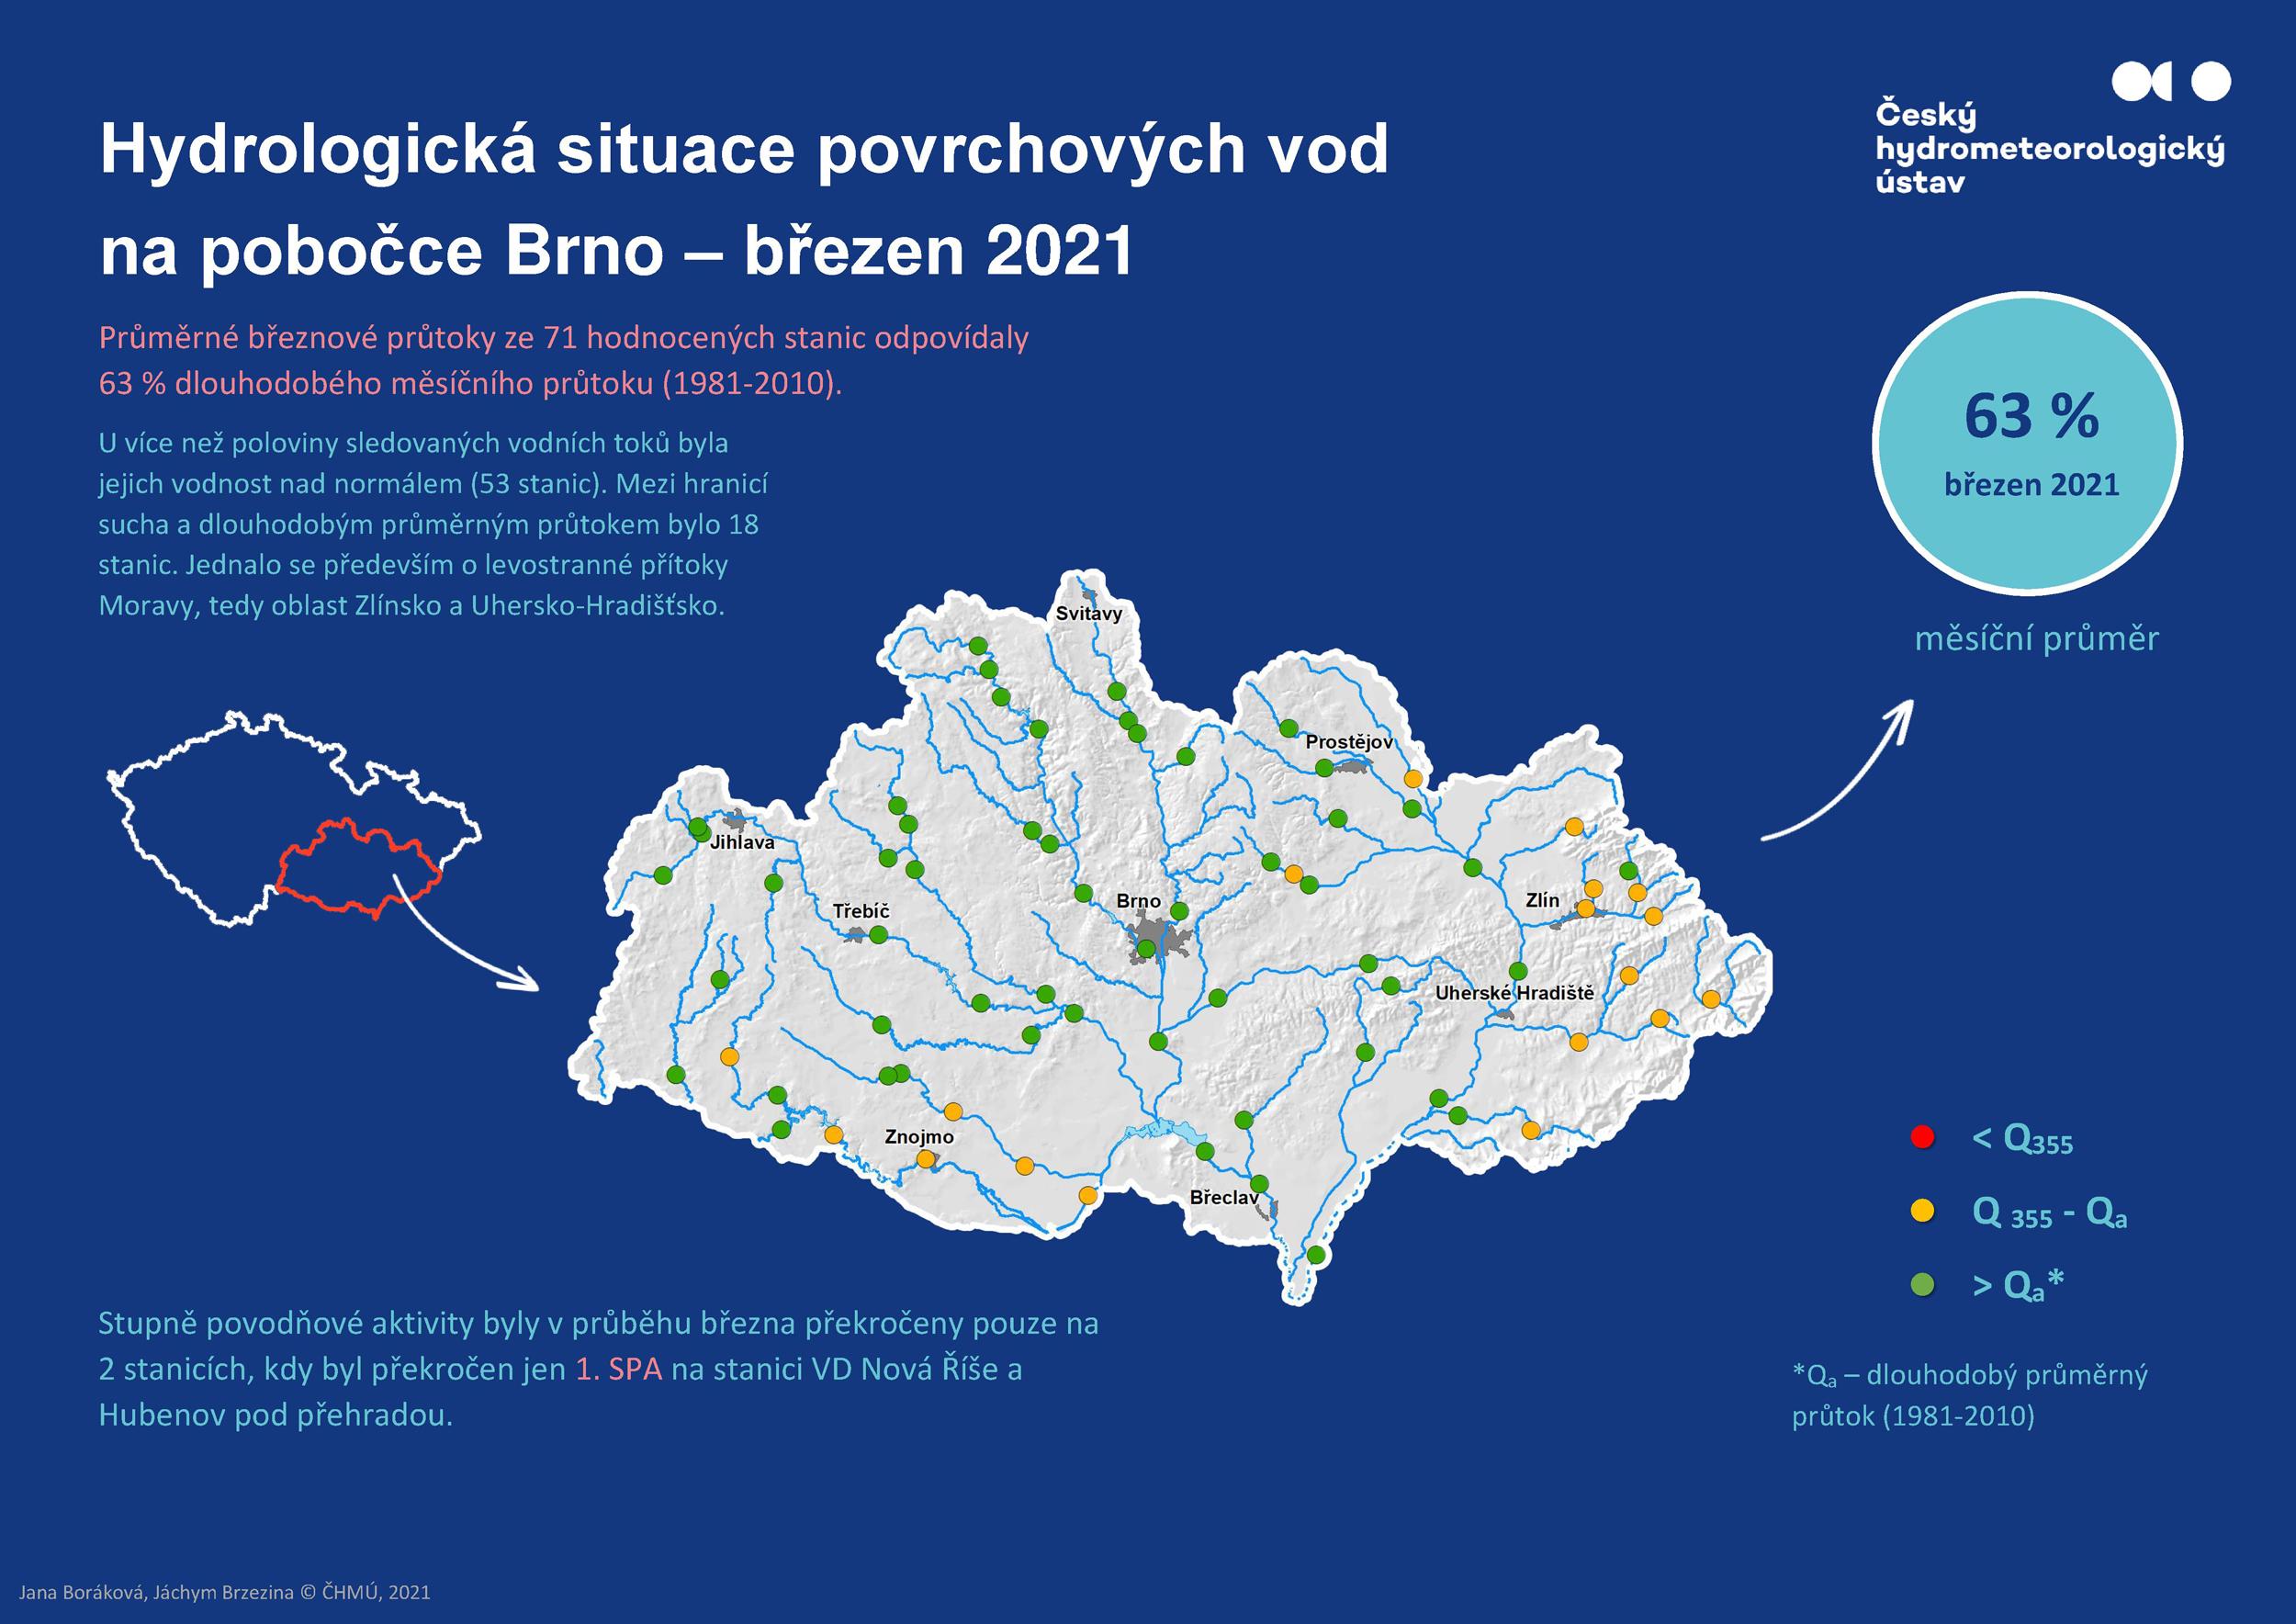 Hydrologická situace povrchových vod na pobočce Brno – březen 20211 min čtení